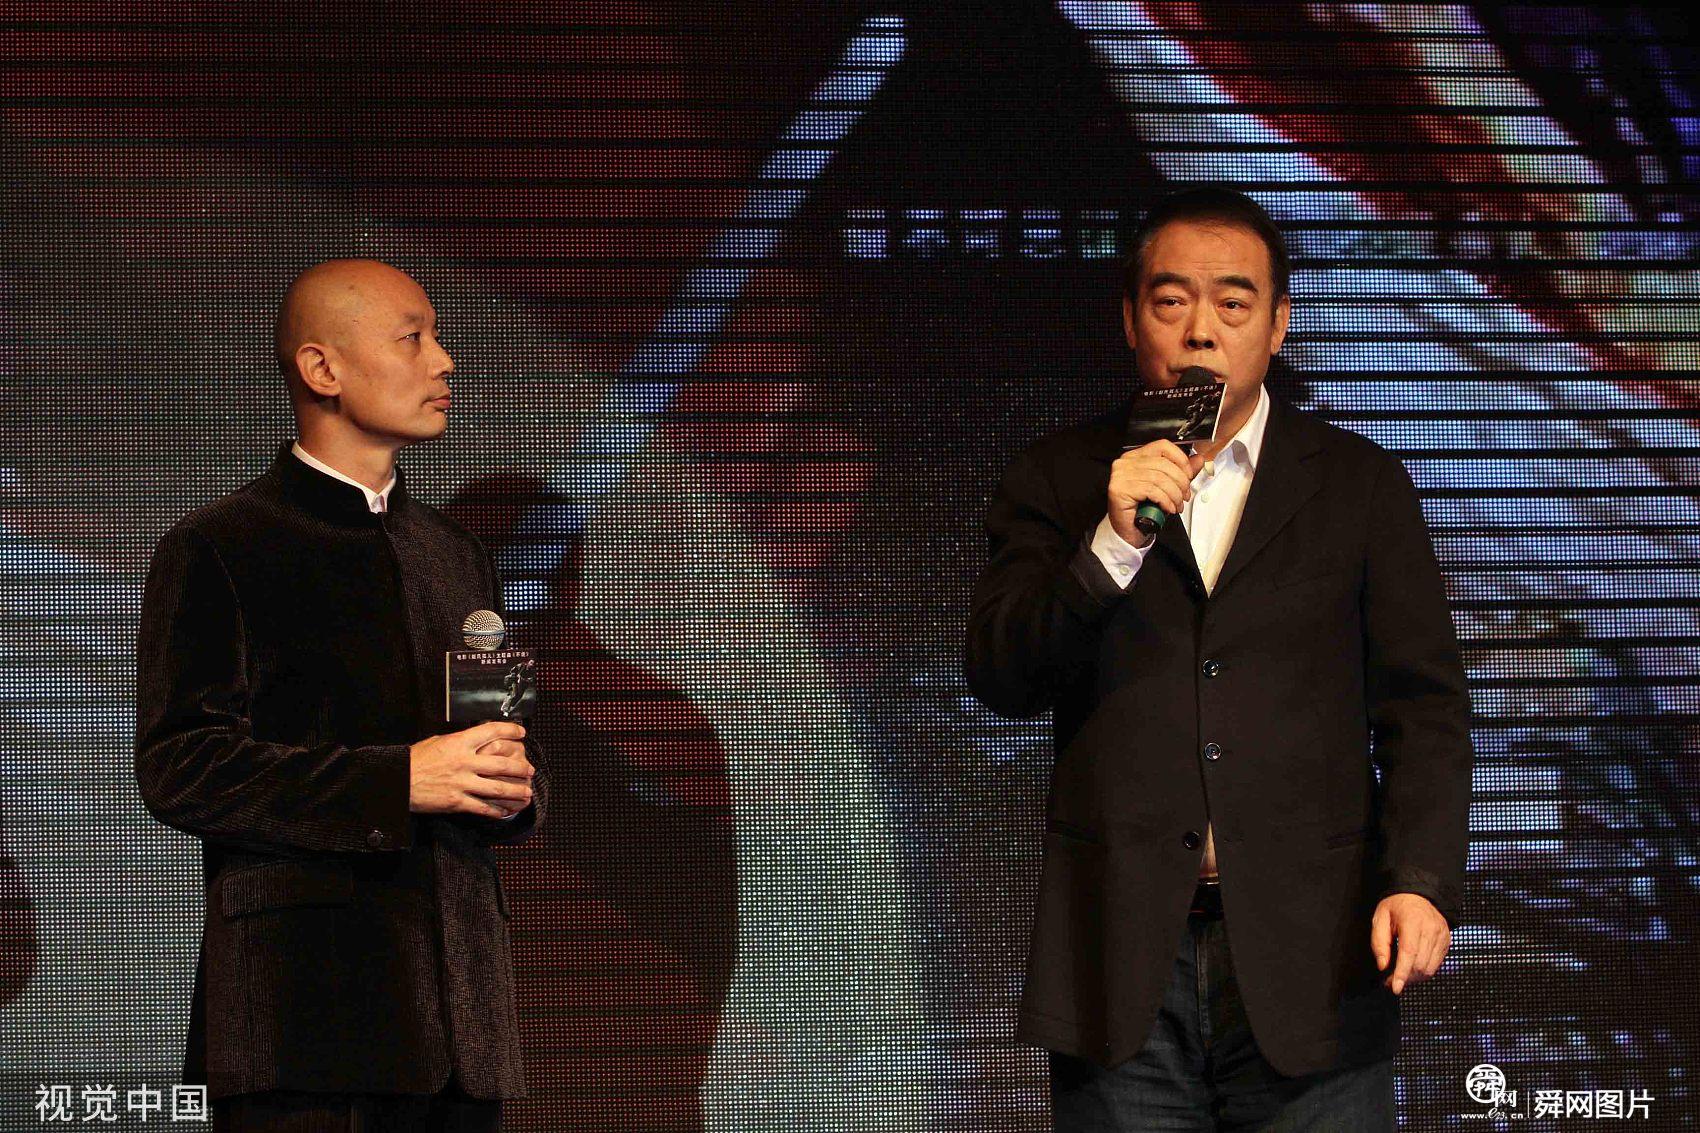 陈凯歌张艺谋冯小刚摩拳擦掌推新片 老牌导演尚能饭否